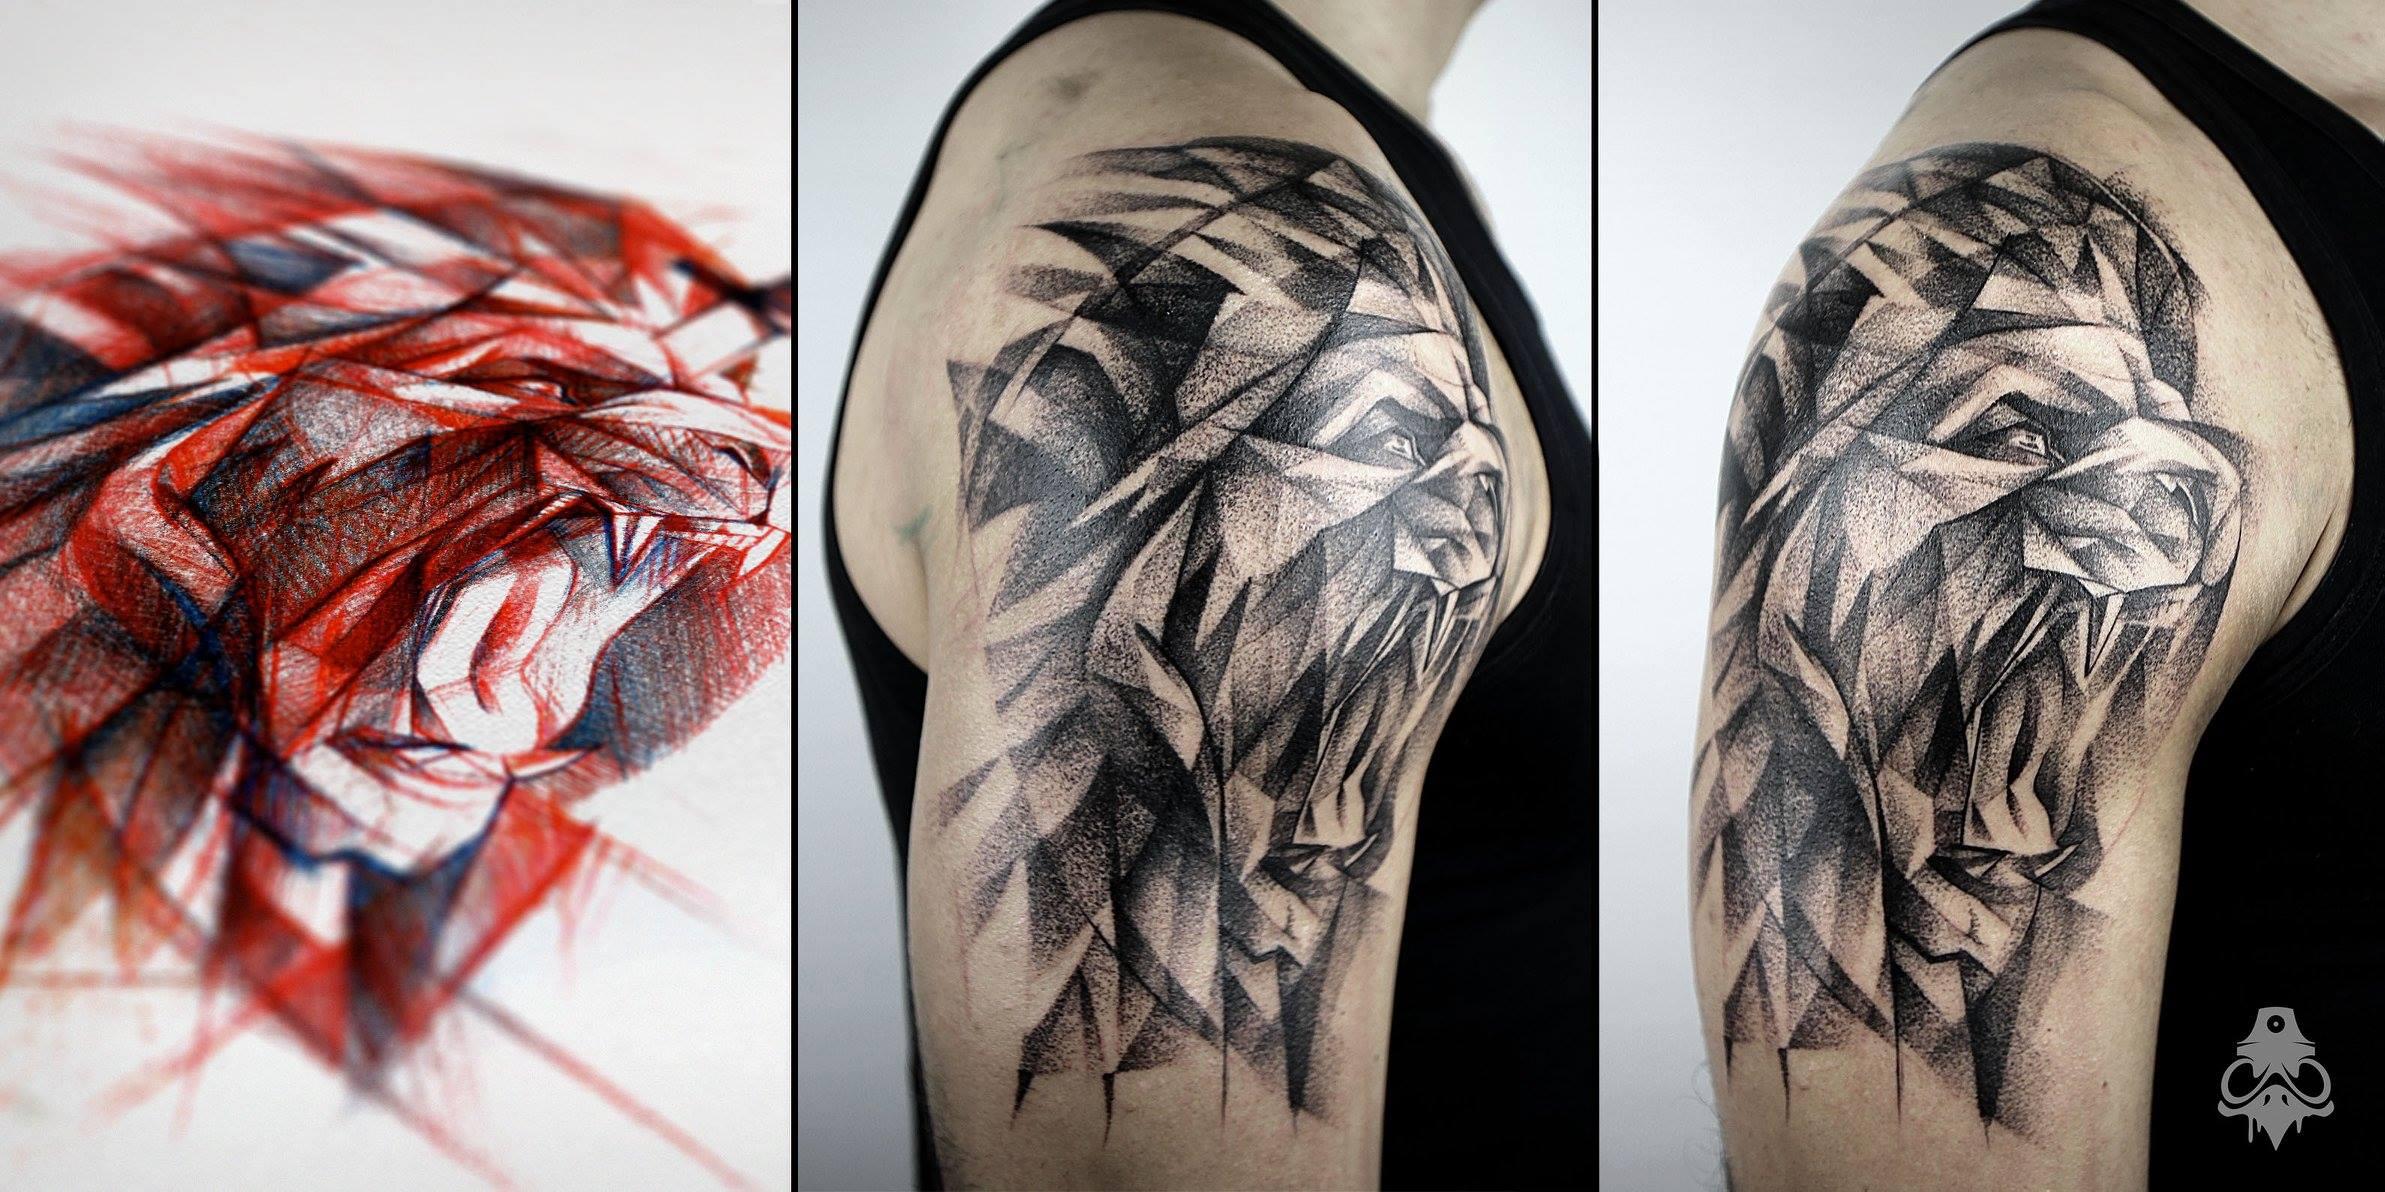 breakone-tattoo-05.jpg